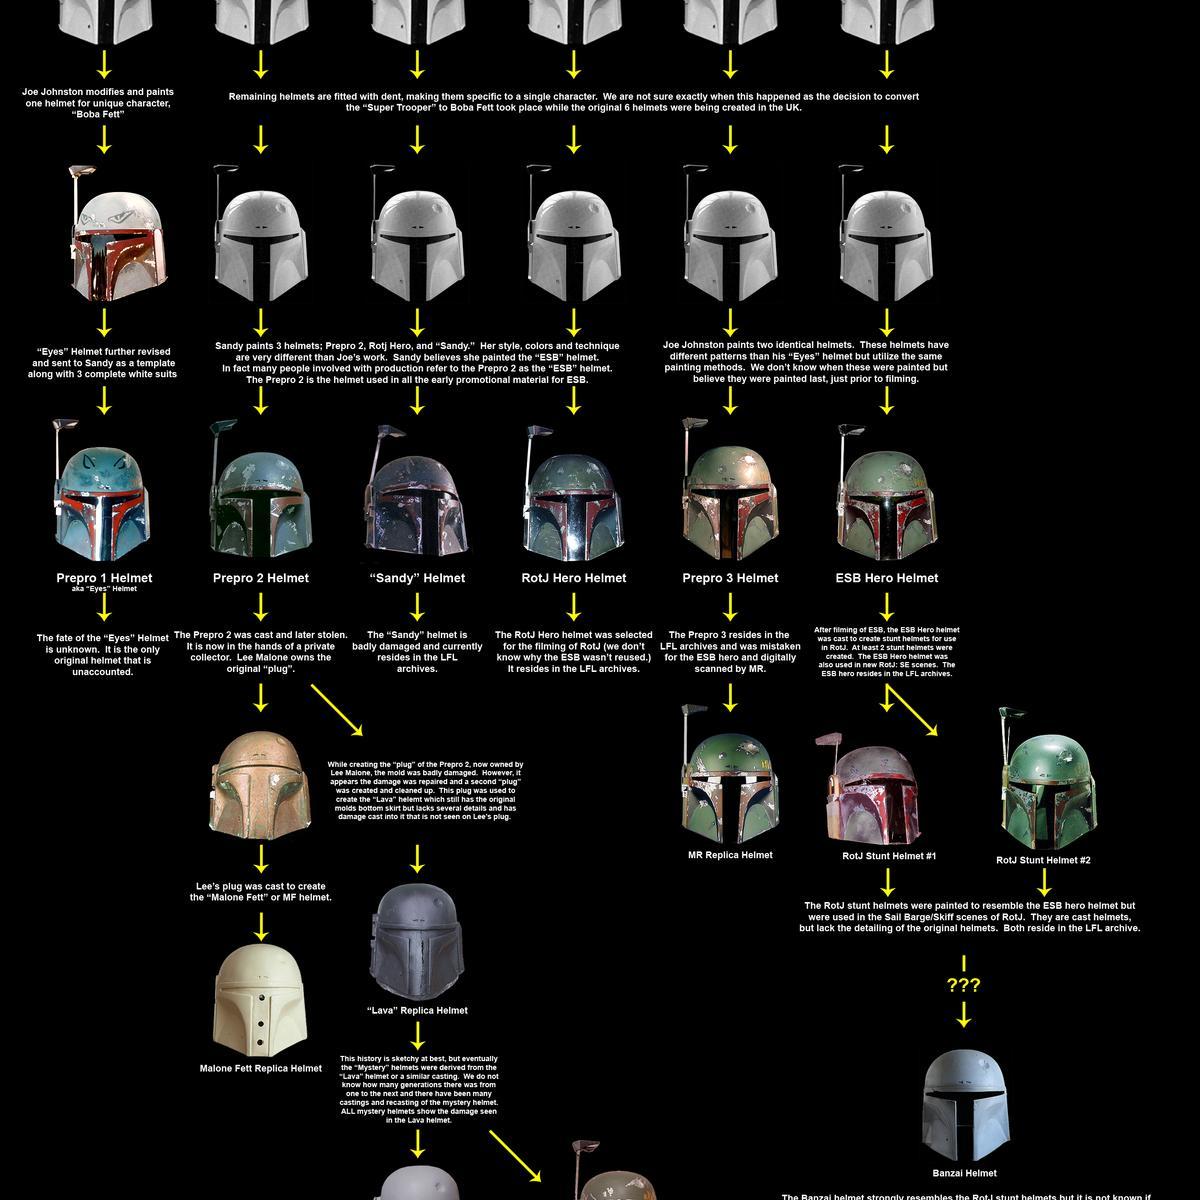 fett_helmet_history.png